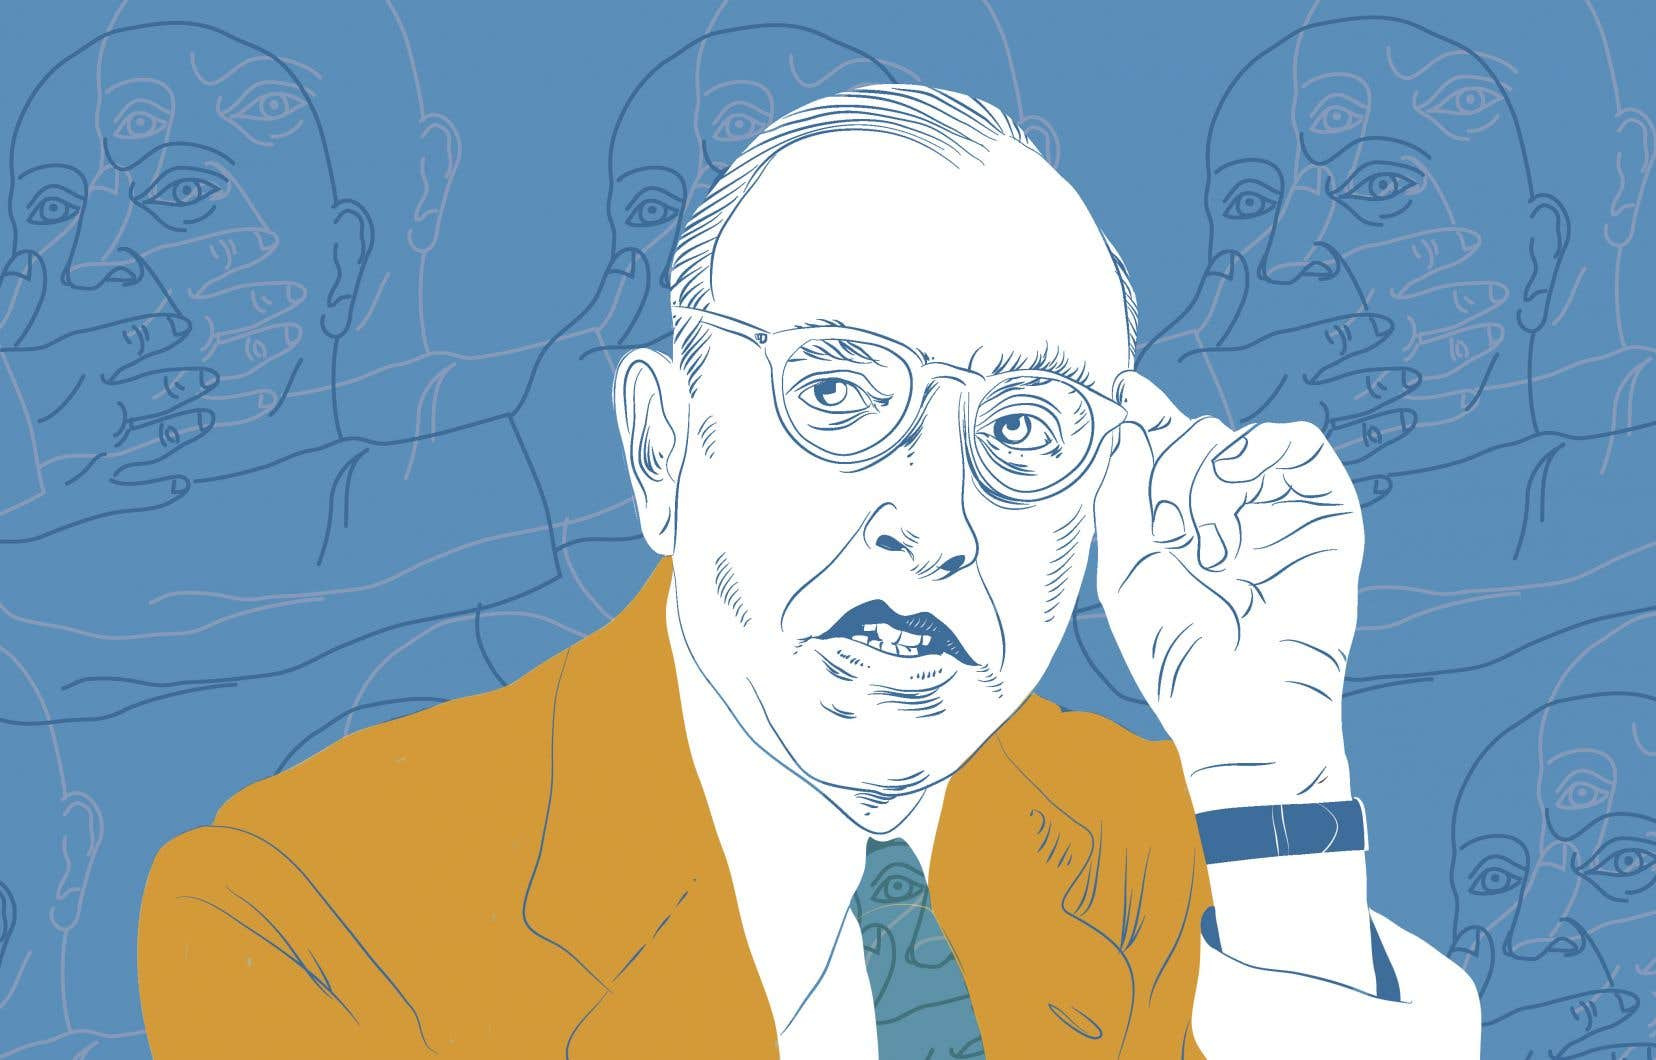 L'avocat et sociologue américain David Riesman a publié en 1950 l'ouvrage à succès «La foule solitaire».